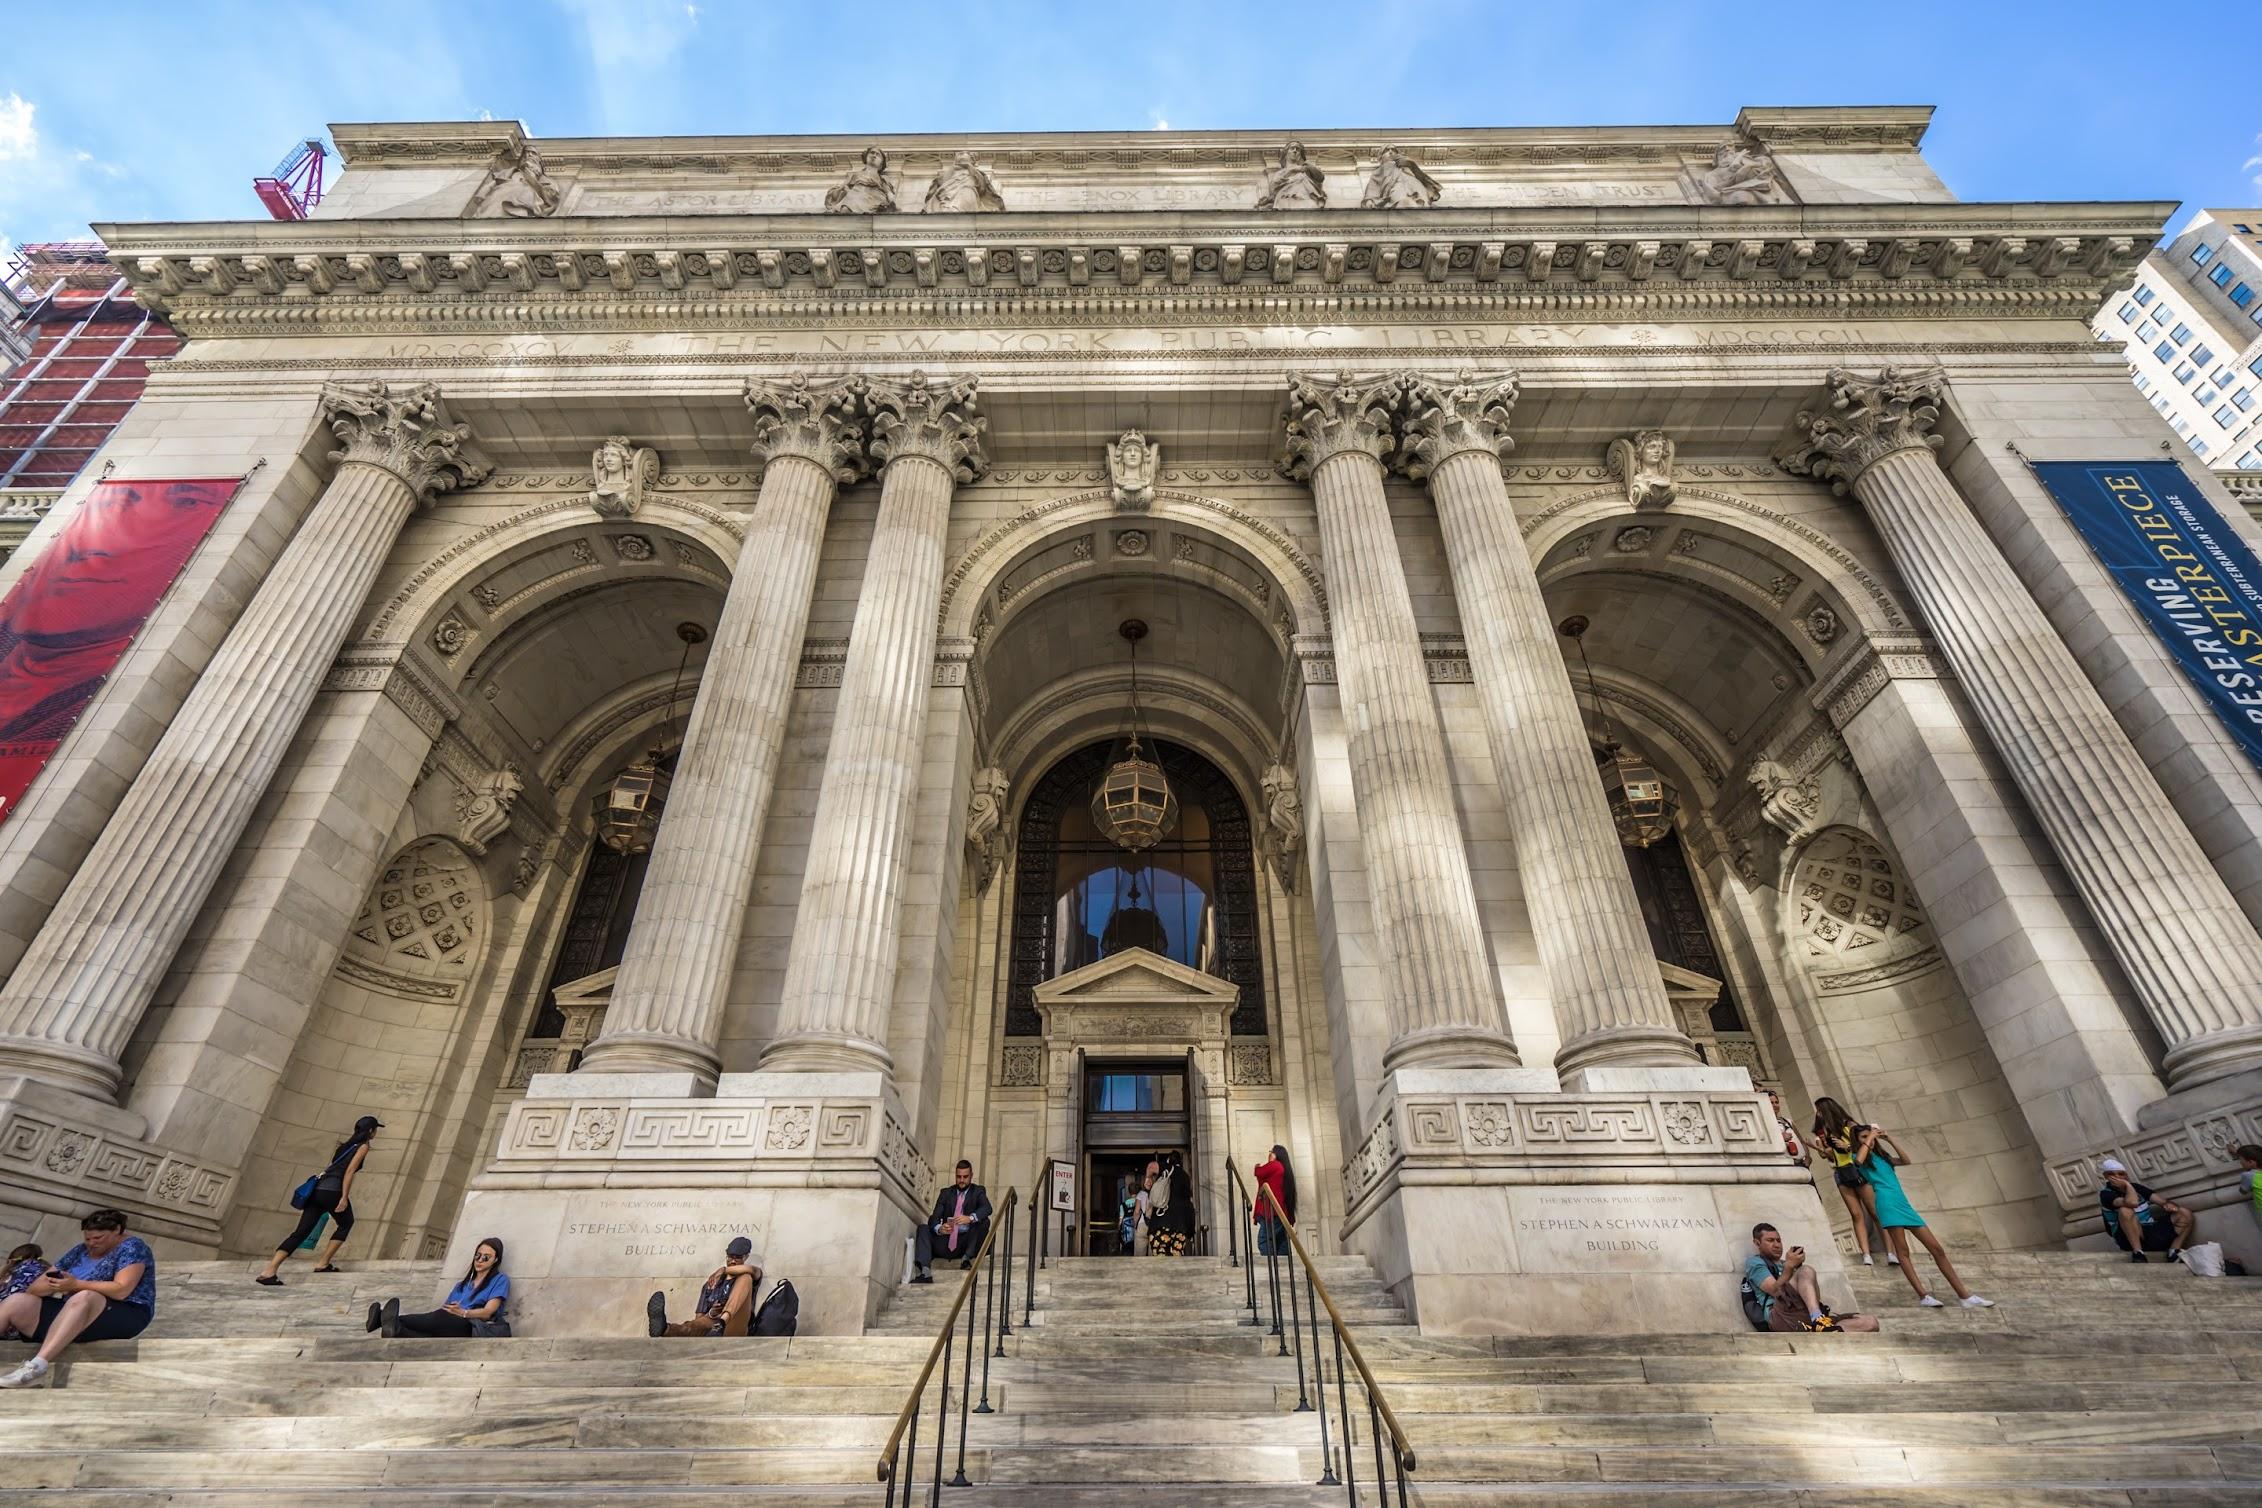 ニューヨーク公立図書館(The New York Public Library)3